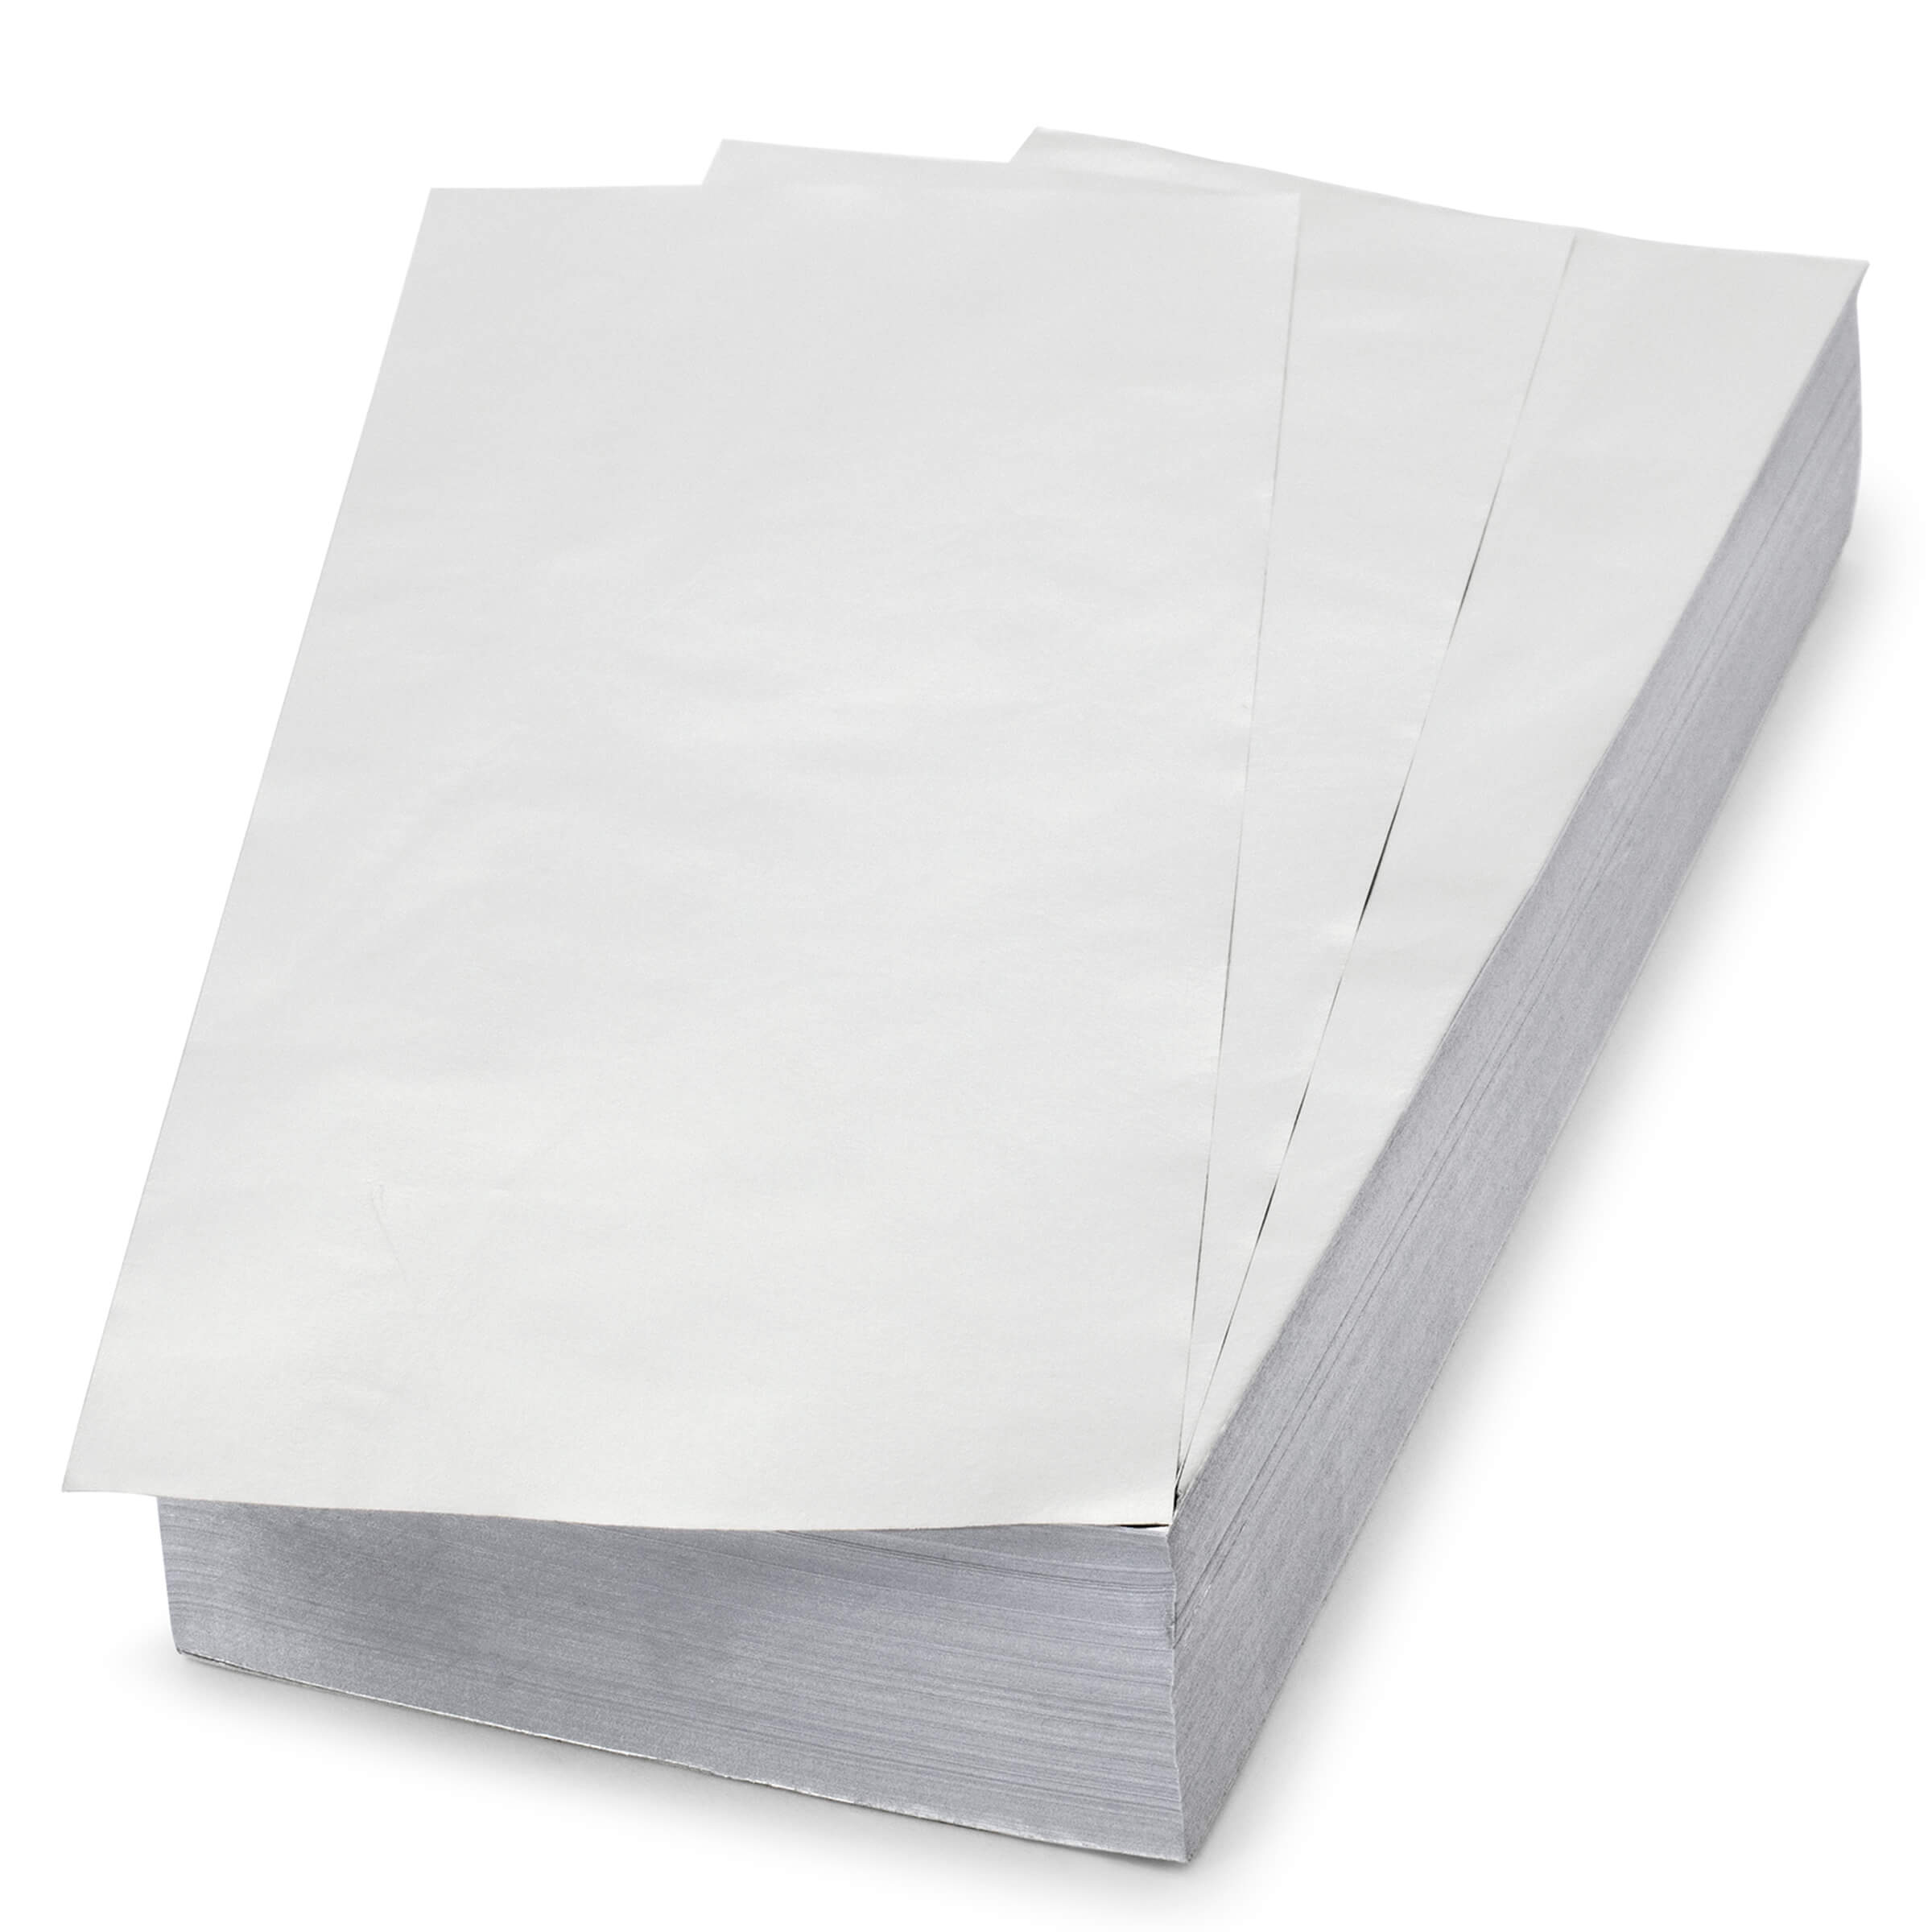 AL-410-60-a-4x10-silver-foil-medium-l.jpg